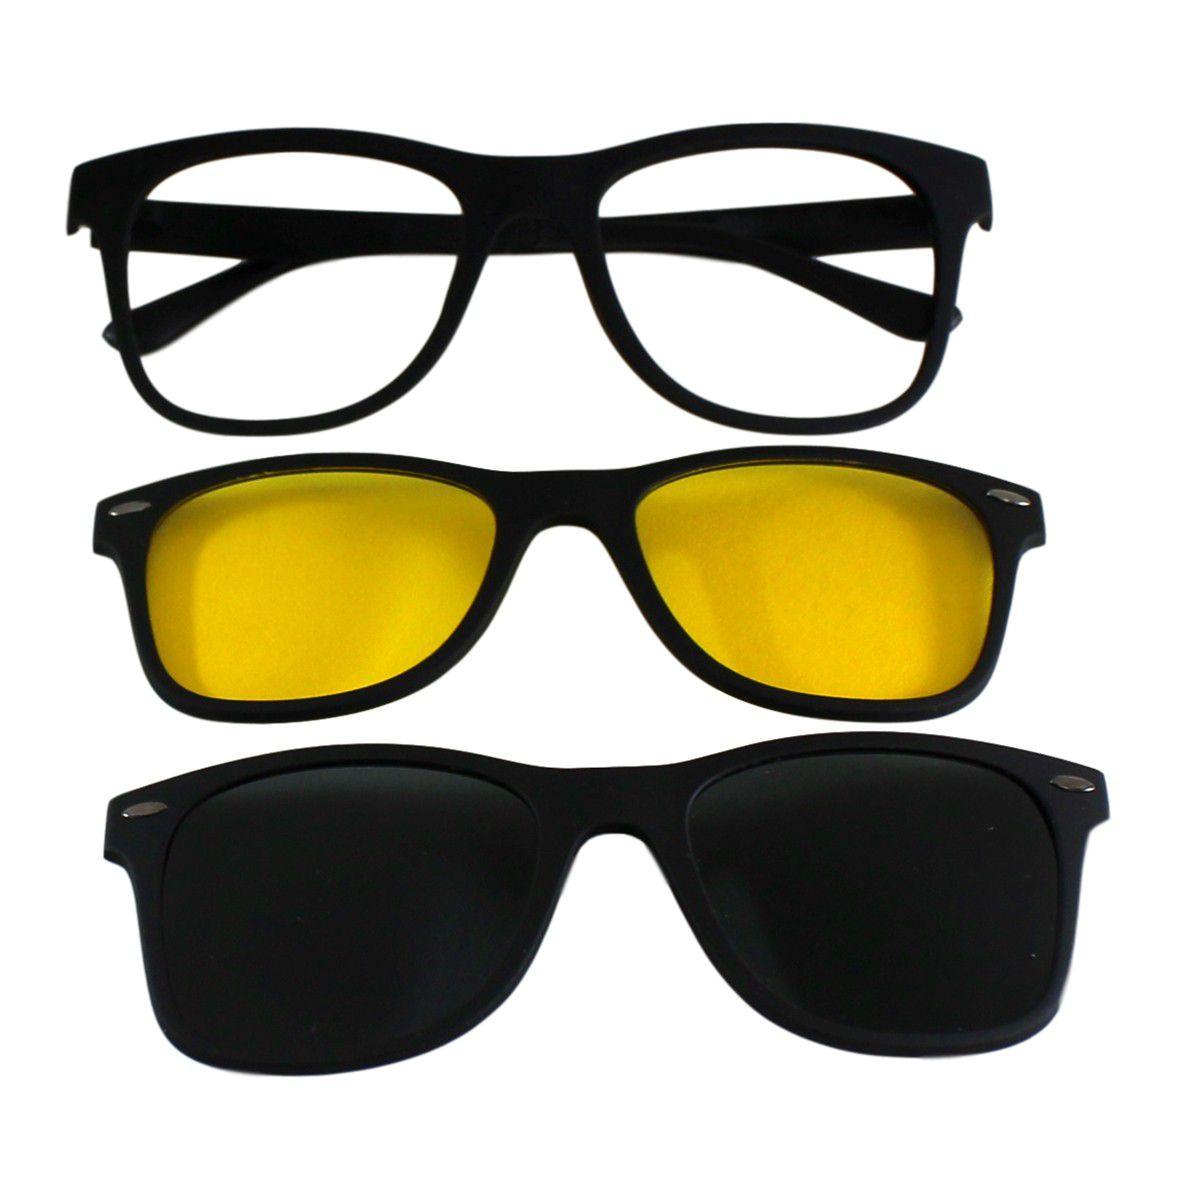 Armação para Óculos Díspar D1965 Clip On 2 Lentes - Preto - Díspar Style ... 53e54e50d2